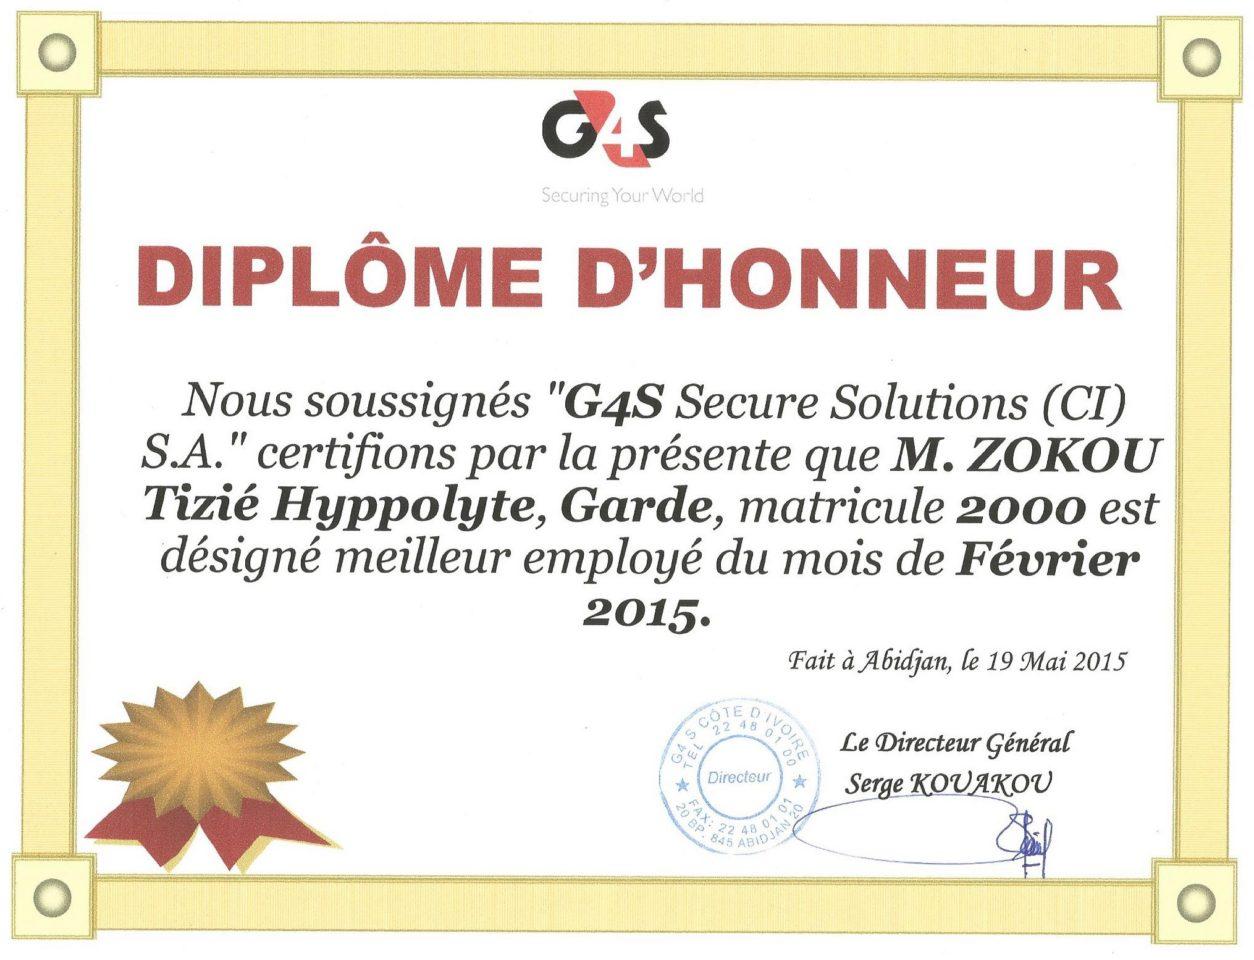 hippo_diplome_honneur_gs.jpg